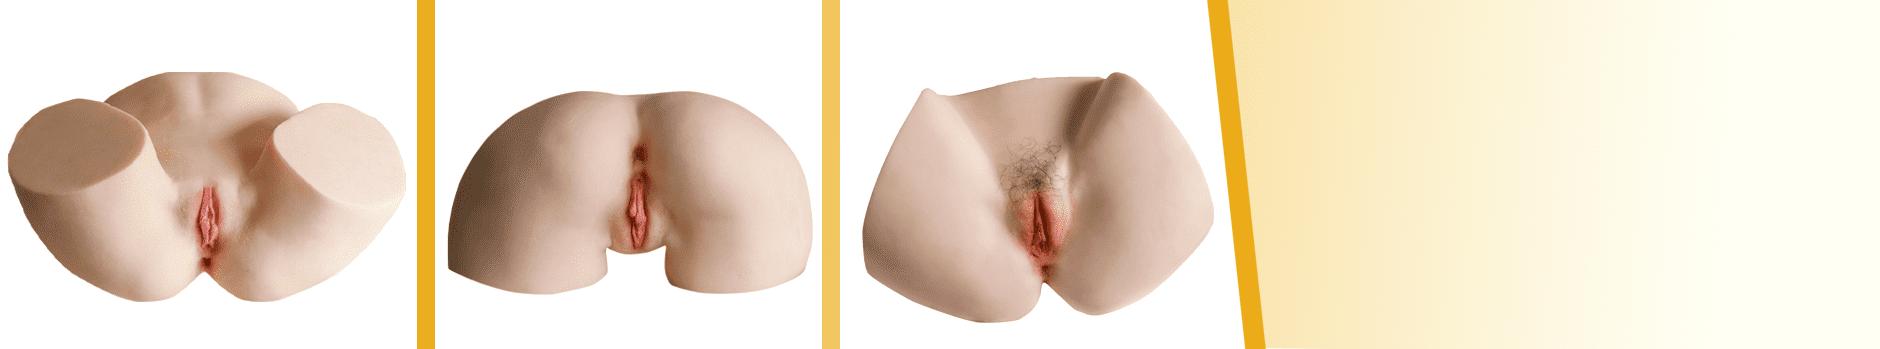 Sex Torso Trends